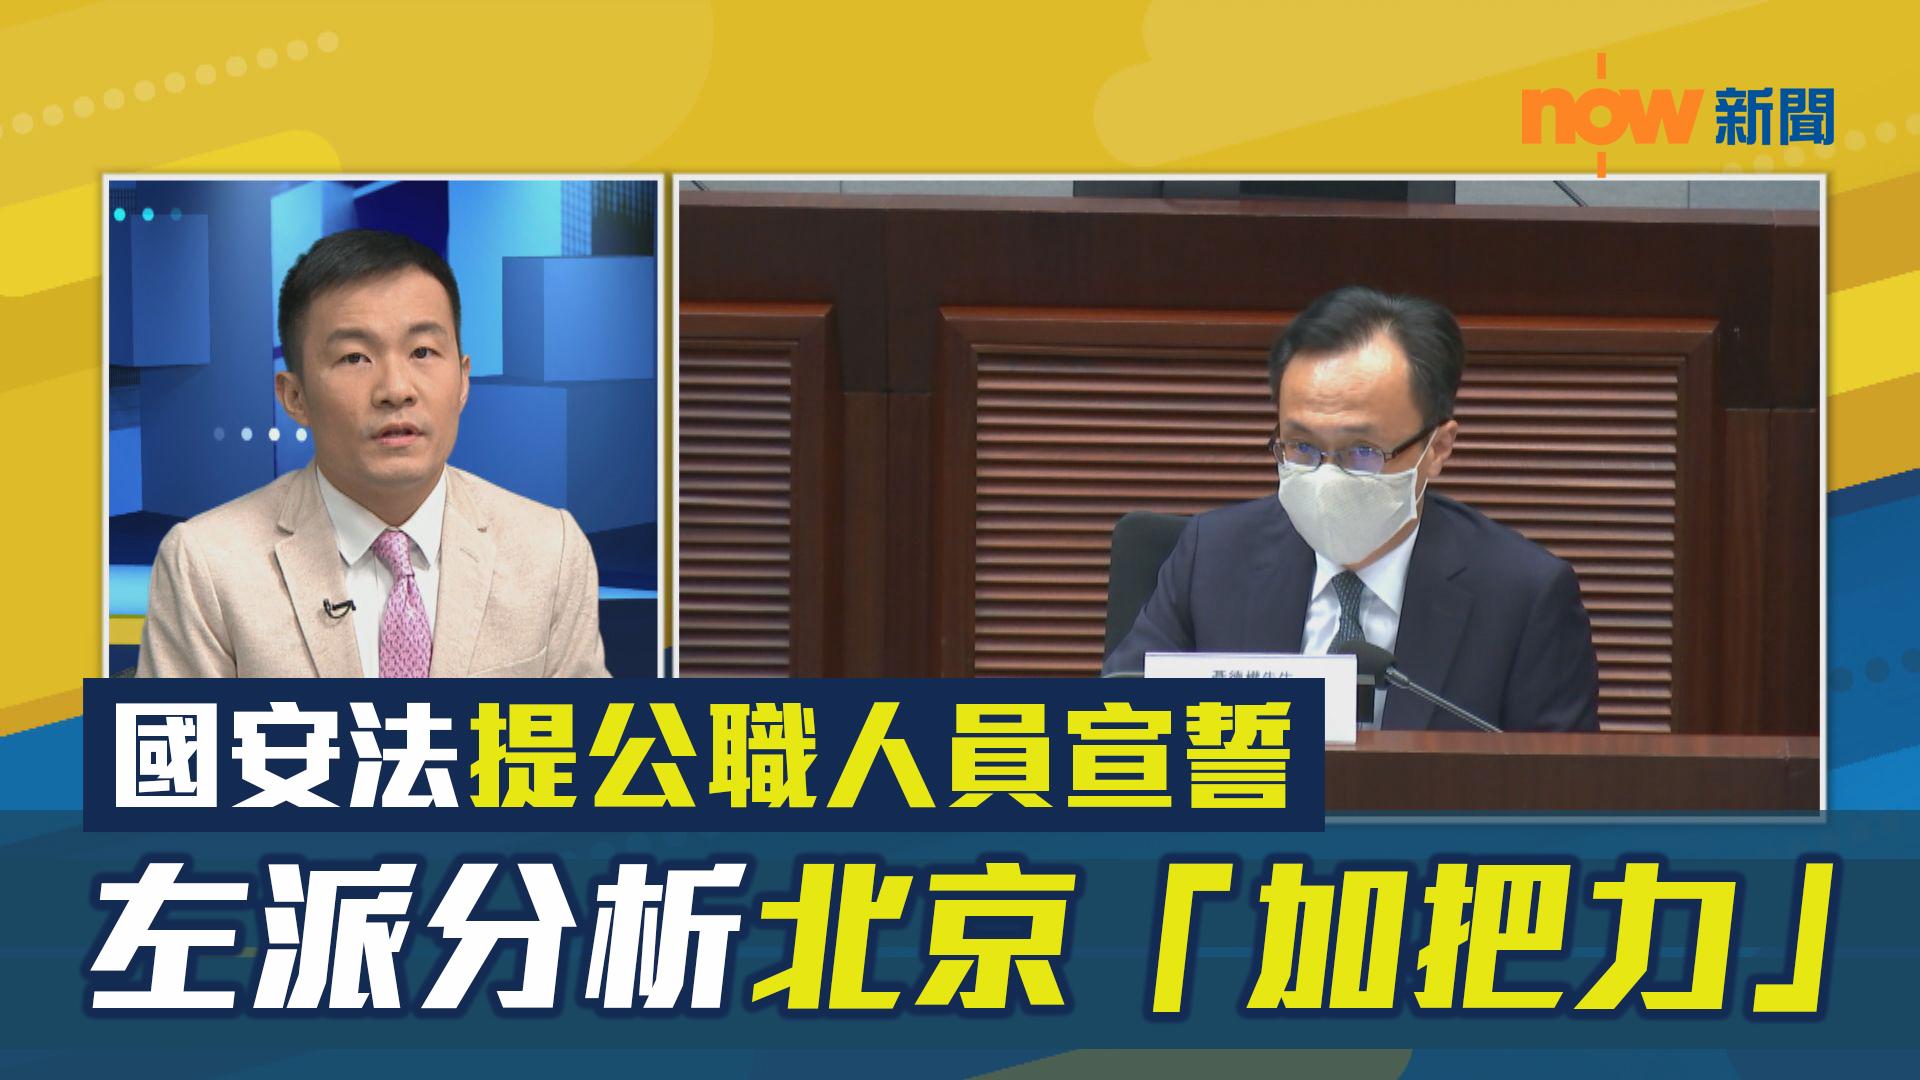 【政情】國安法提公職人員宣誓 左派分析北京「加把力」